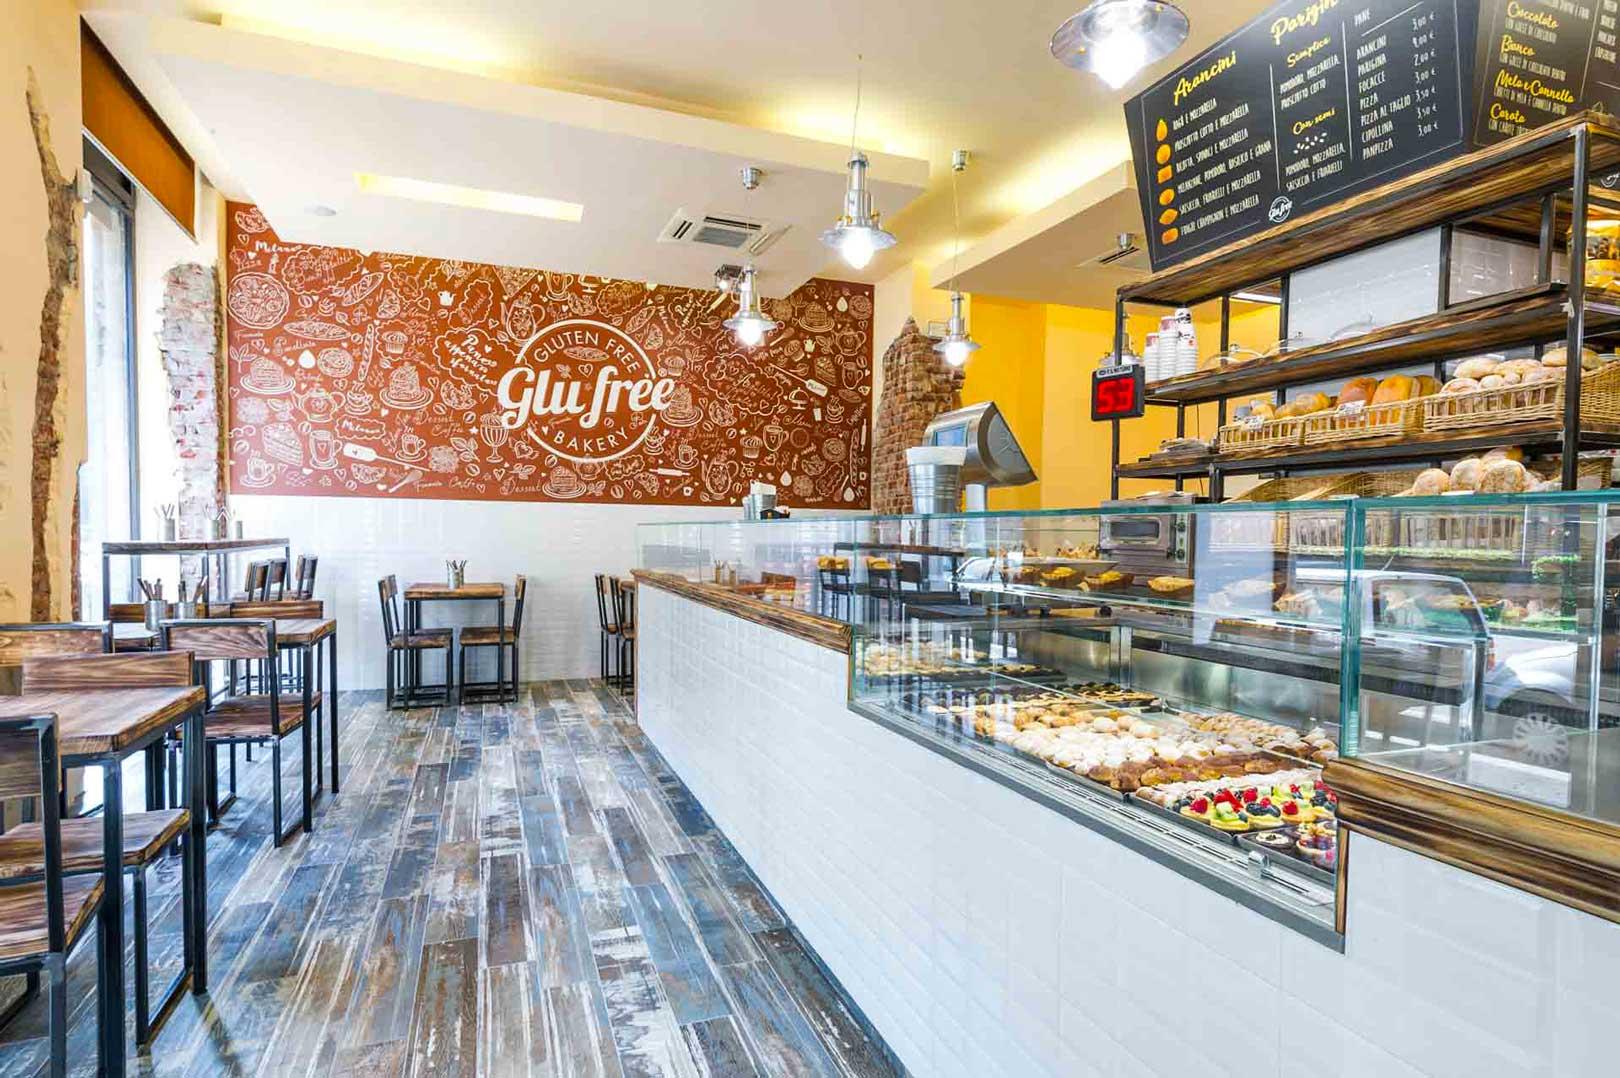 migliori-ristoranti-senza-glutine-glu-free-bakery-cover